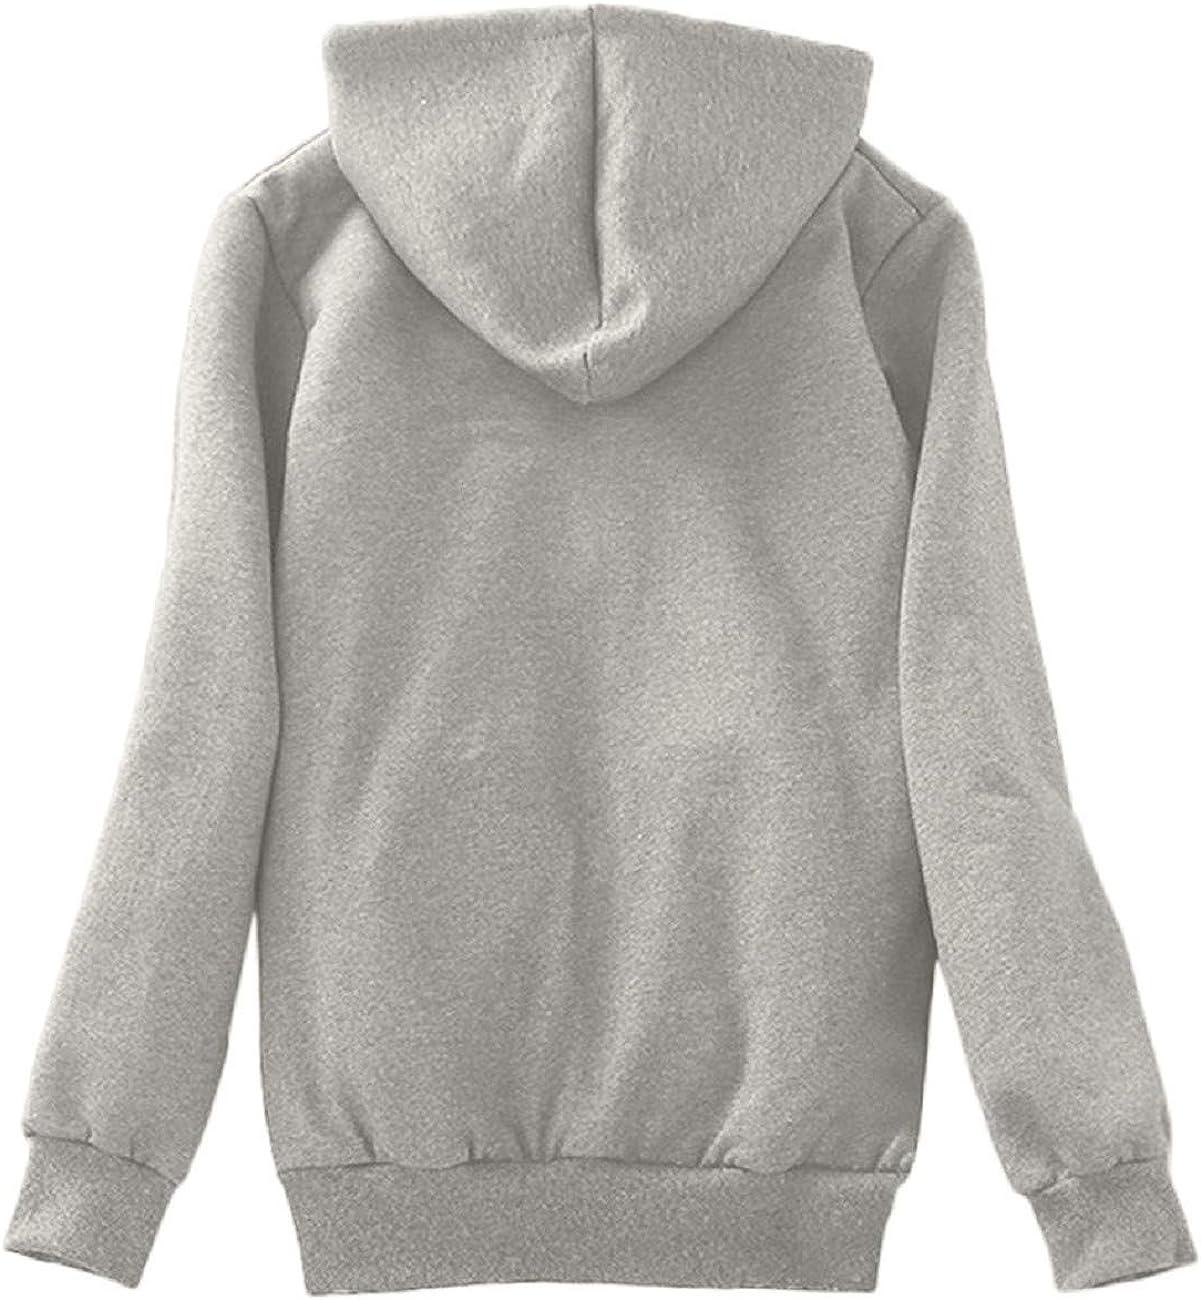 FAPIZI Womens Winter Warm Sherpa Lined Outwear Overcoat Zip Up Hooded Sweatshirt Jacket Coat